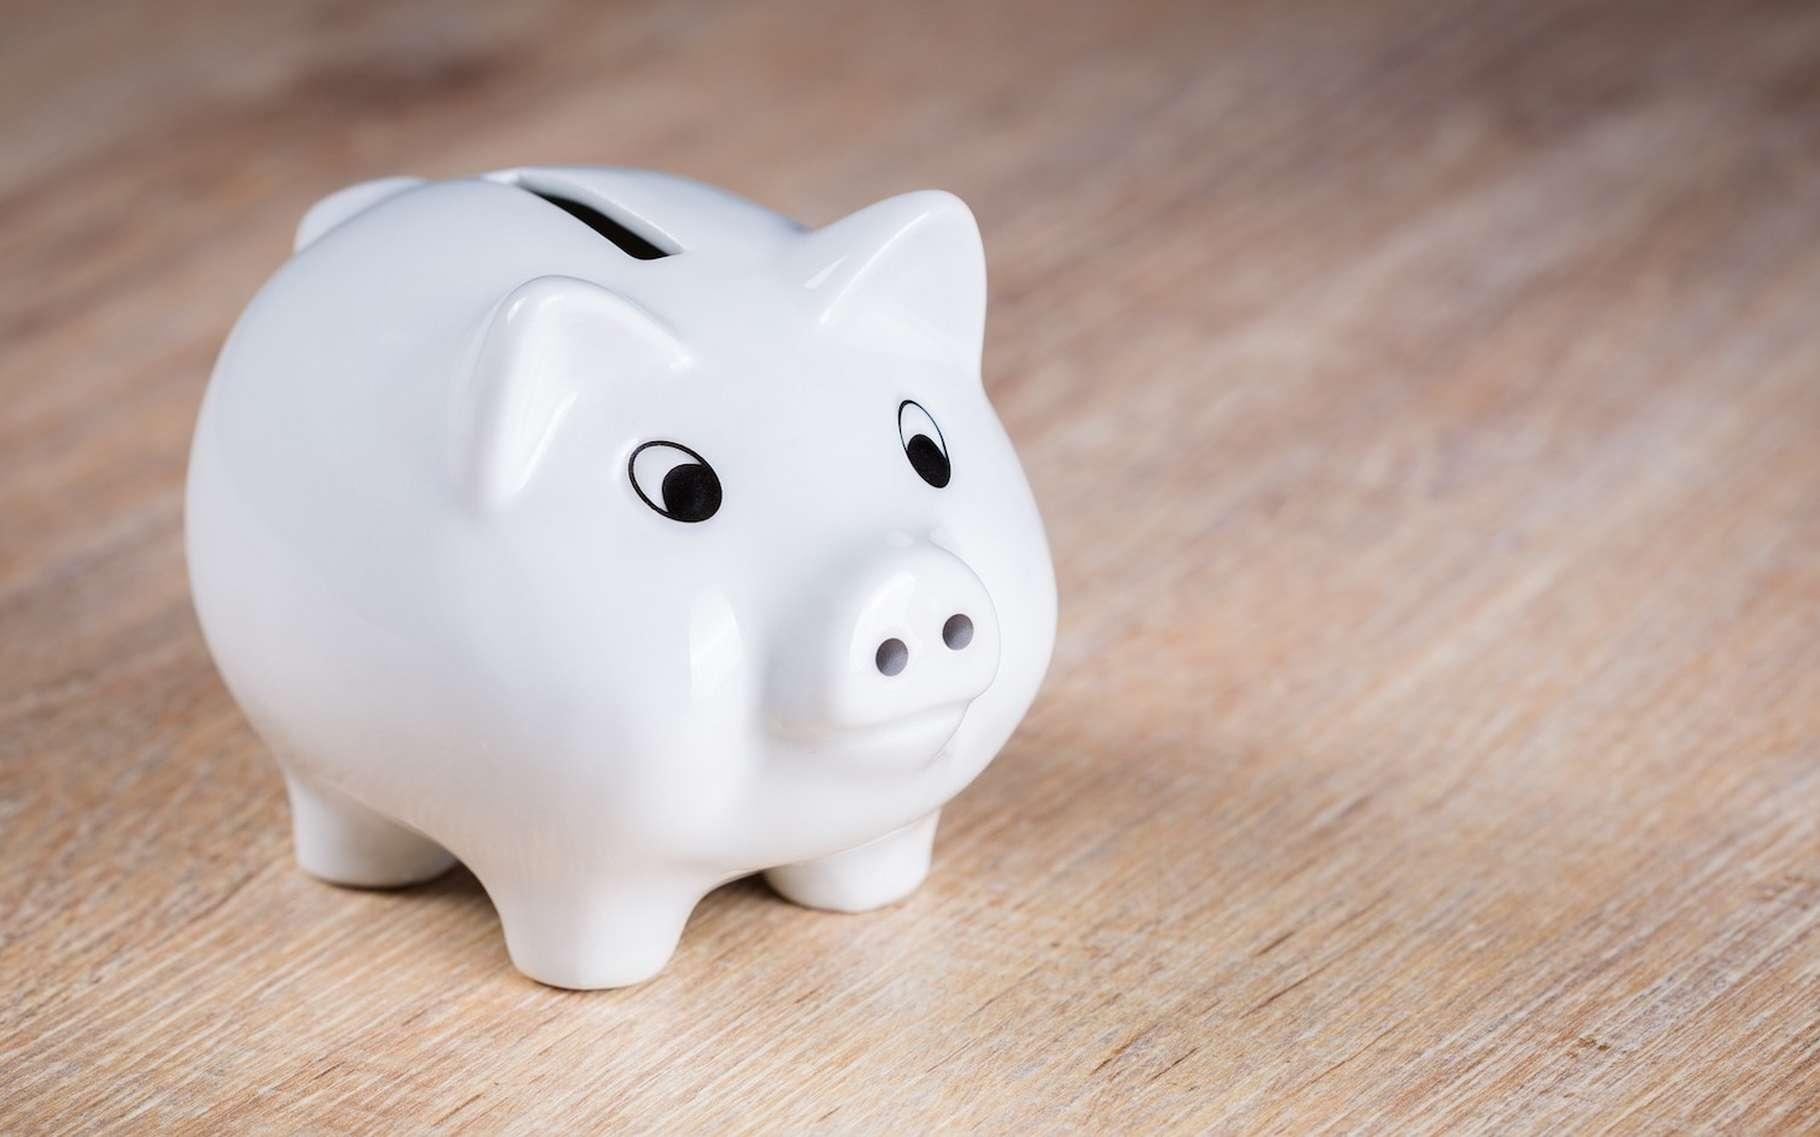 Il existe de nombreuses astuces qui permettent d'économiser de l'argent. Et parfois même d'en gagner un peu. © andibreit, Pixabay, CC0 Creative Commons